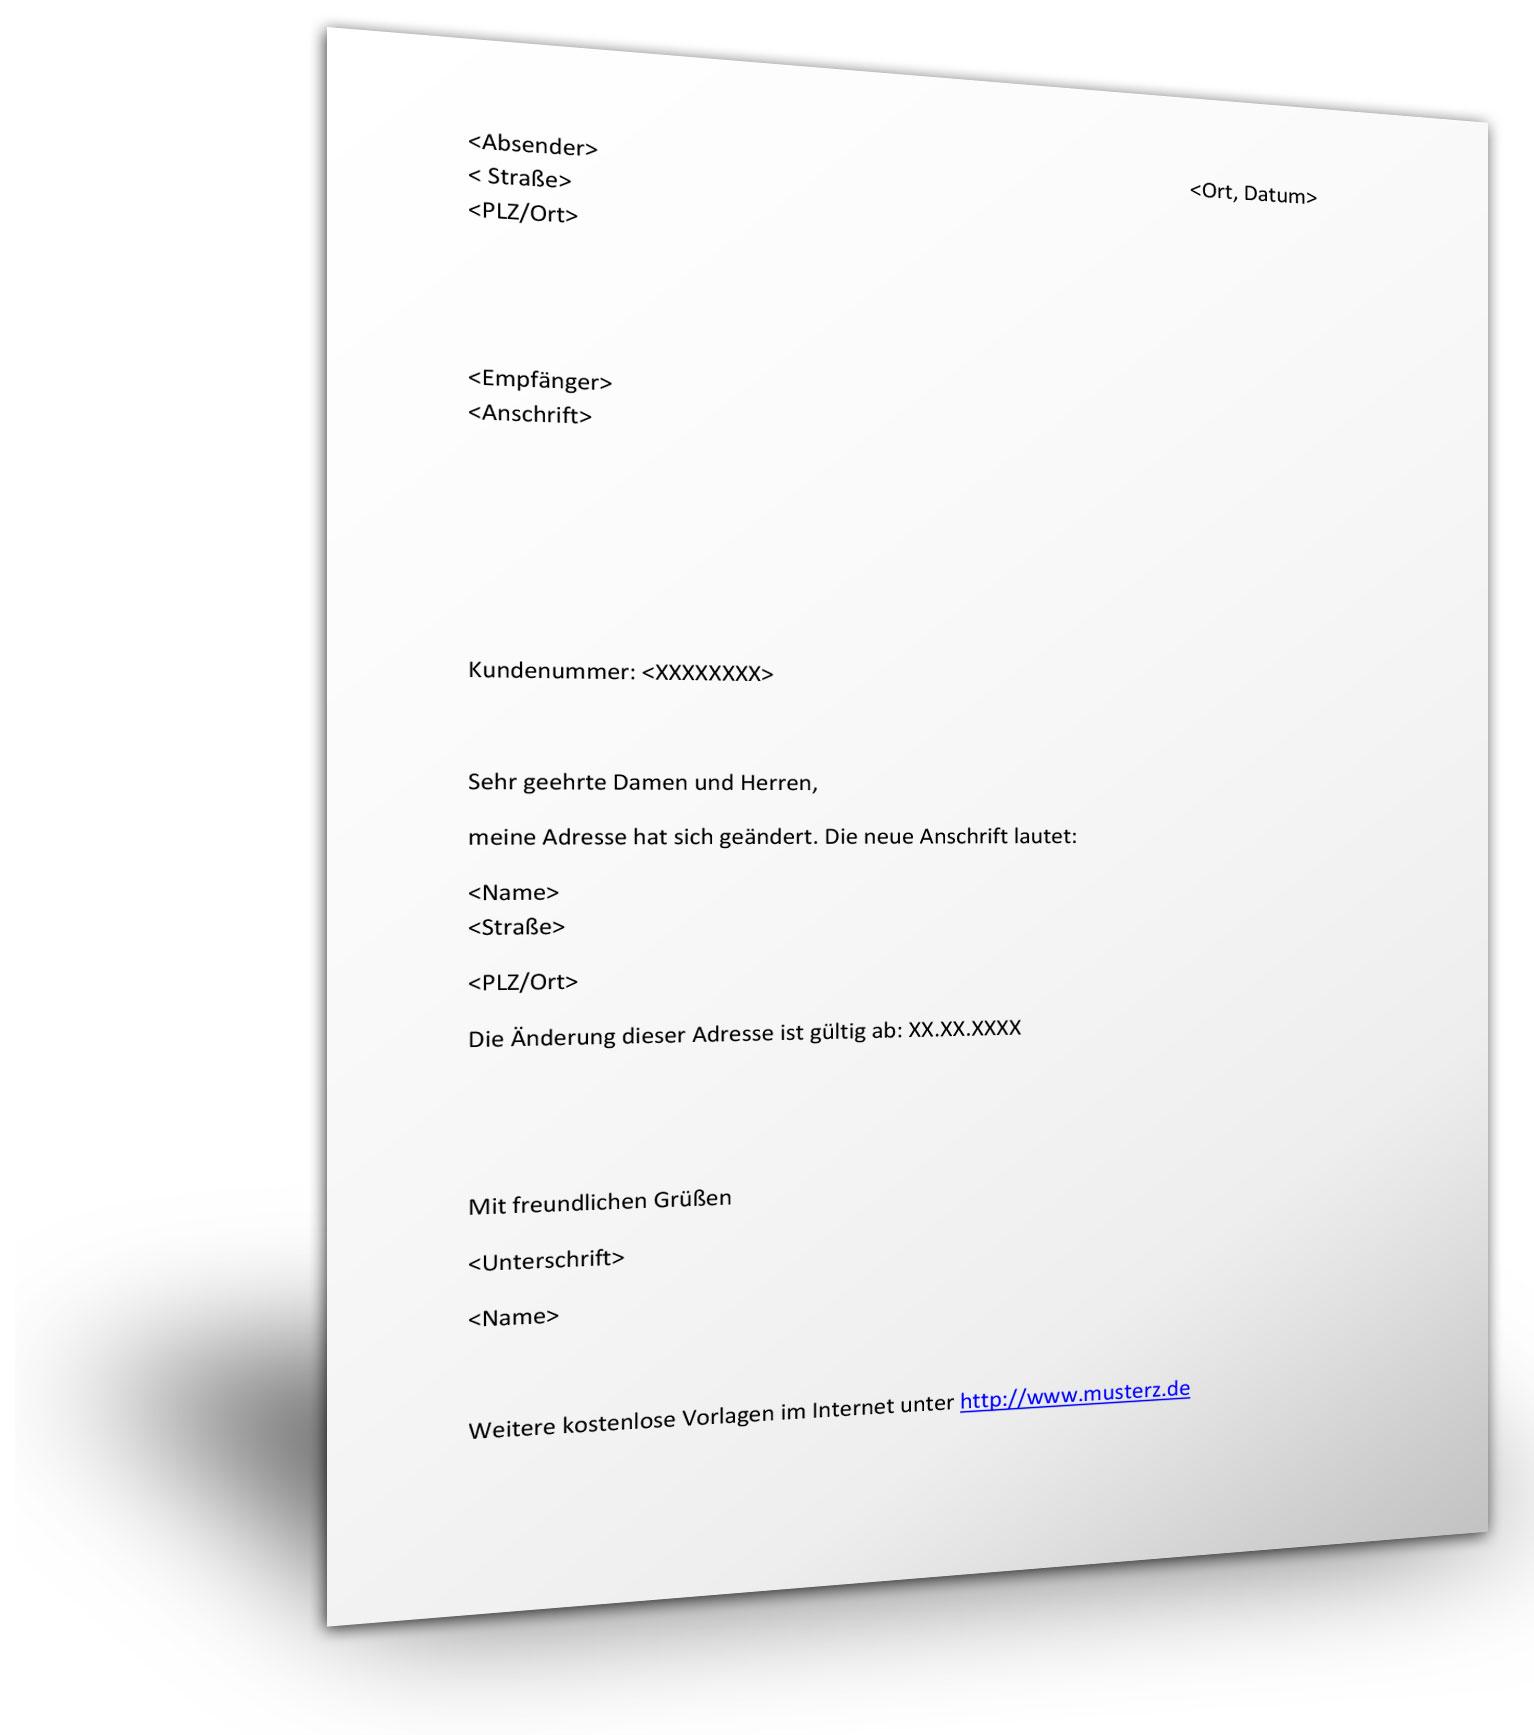 adressaenderung-muster